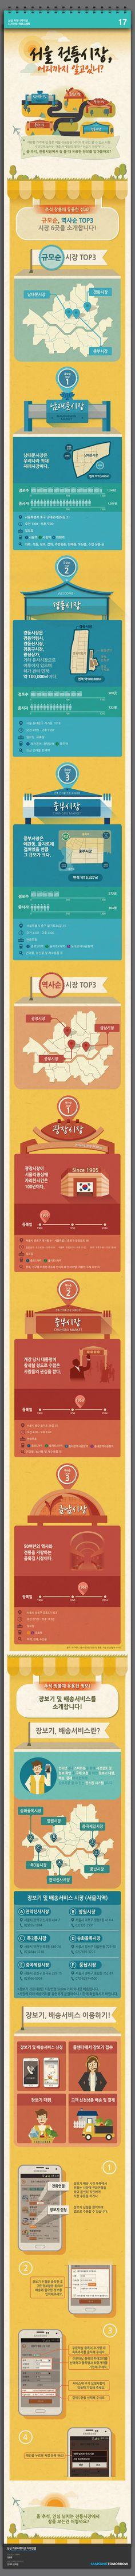 서울 전통시장에 관한 인포그래픽